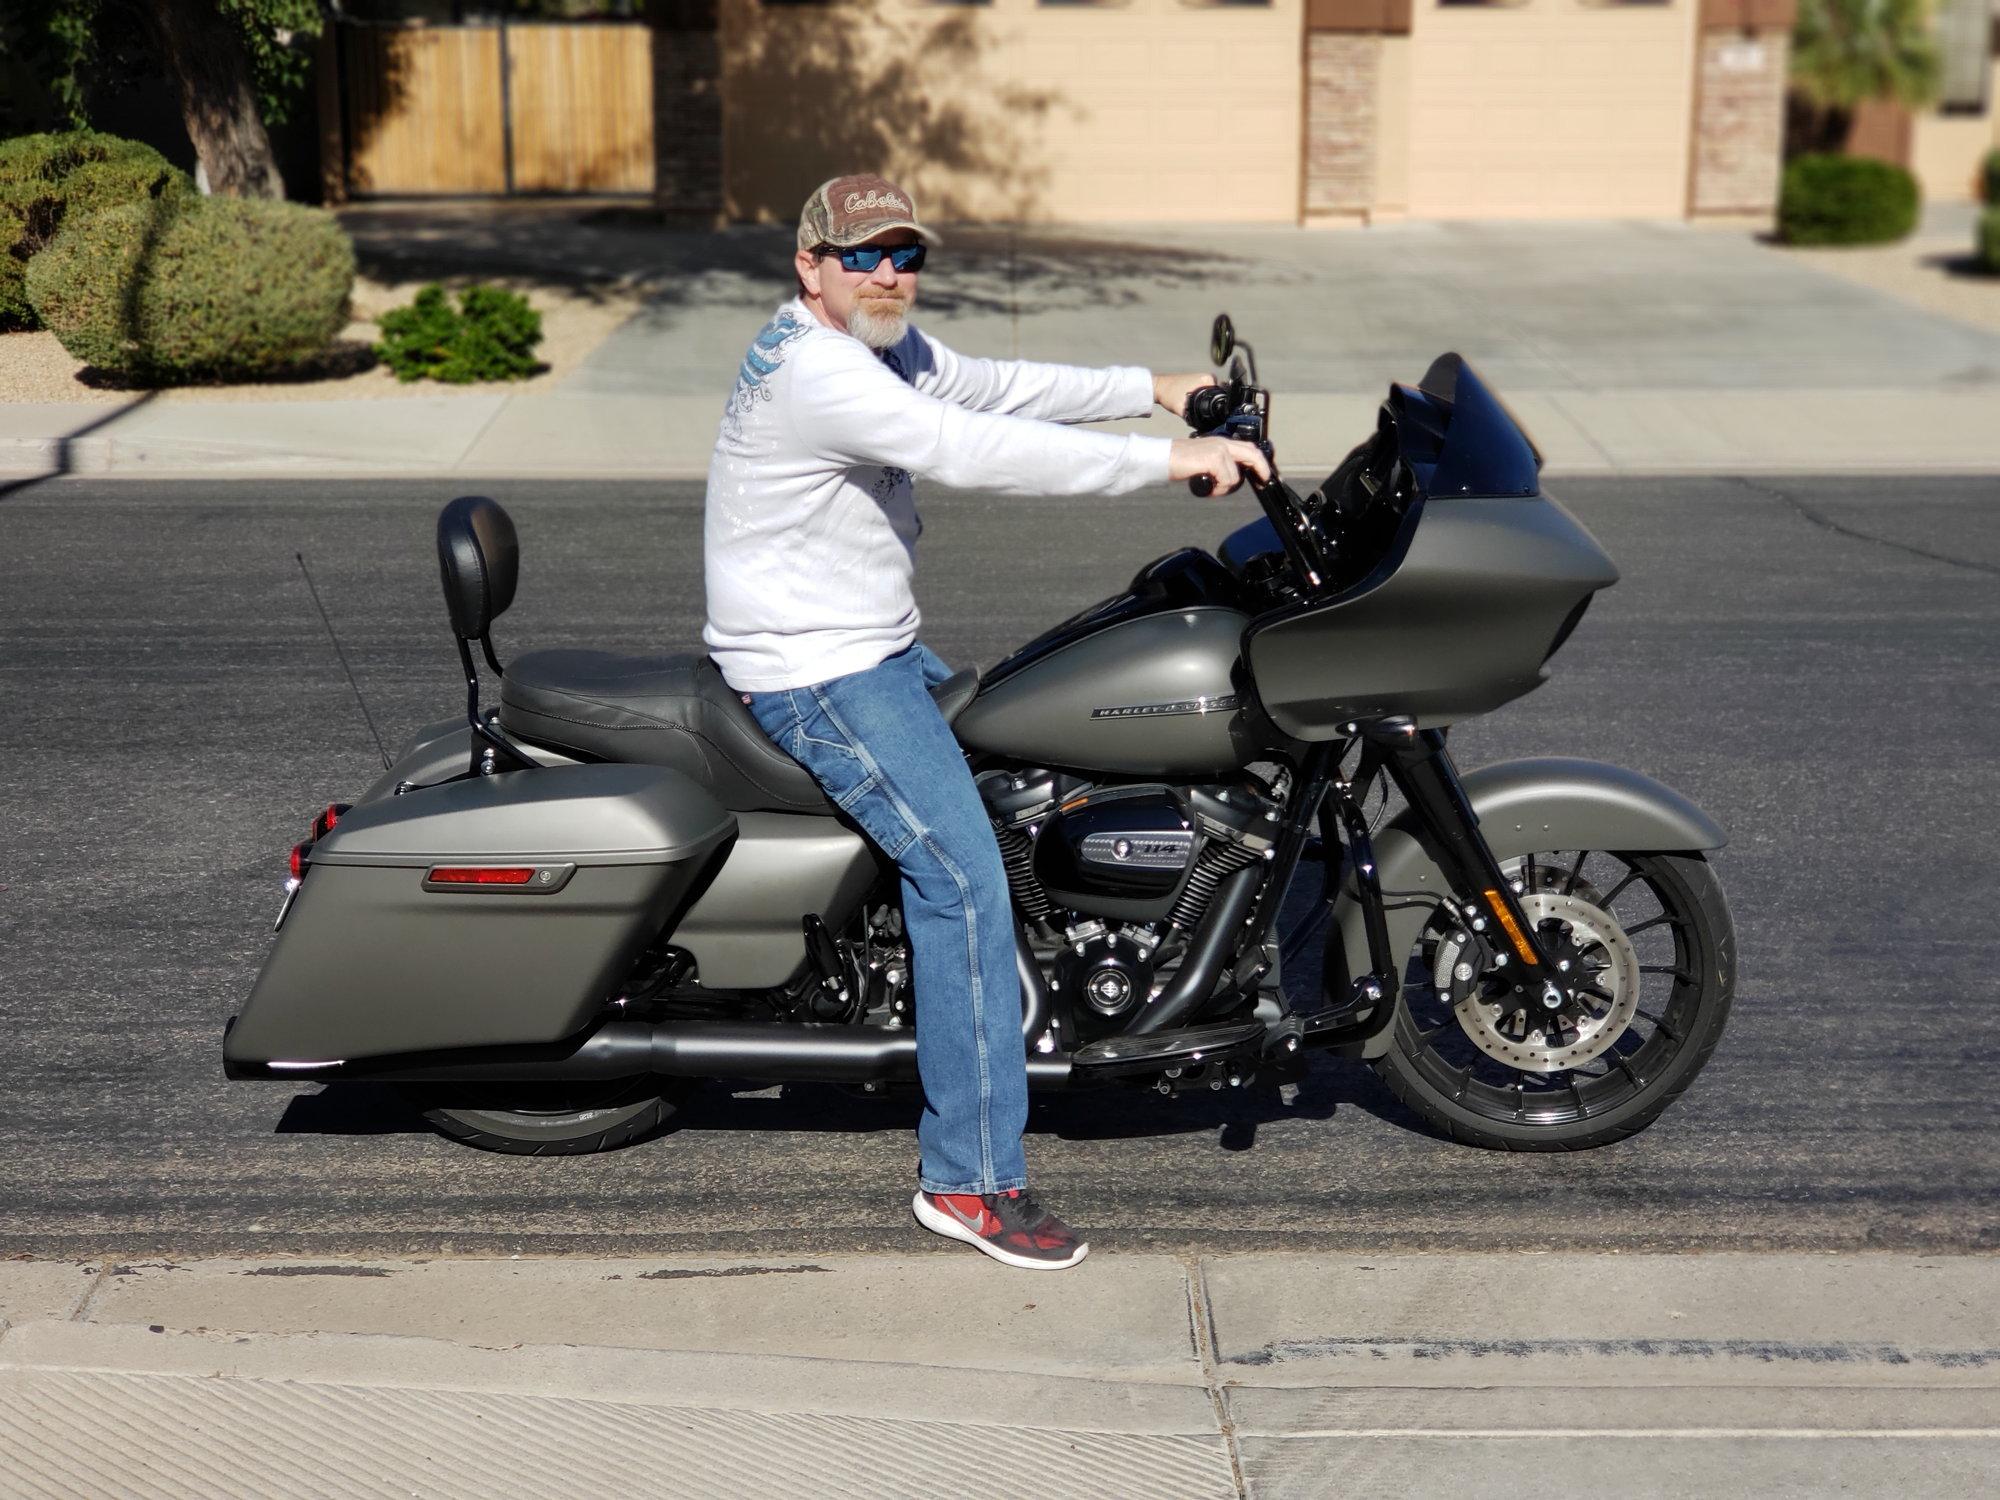 FXR Division Road Glide Bars - Page 8 - Harley Davidson Forums